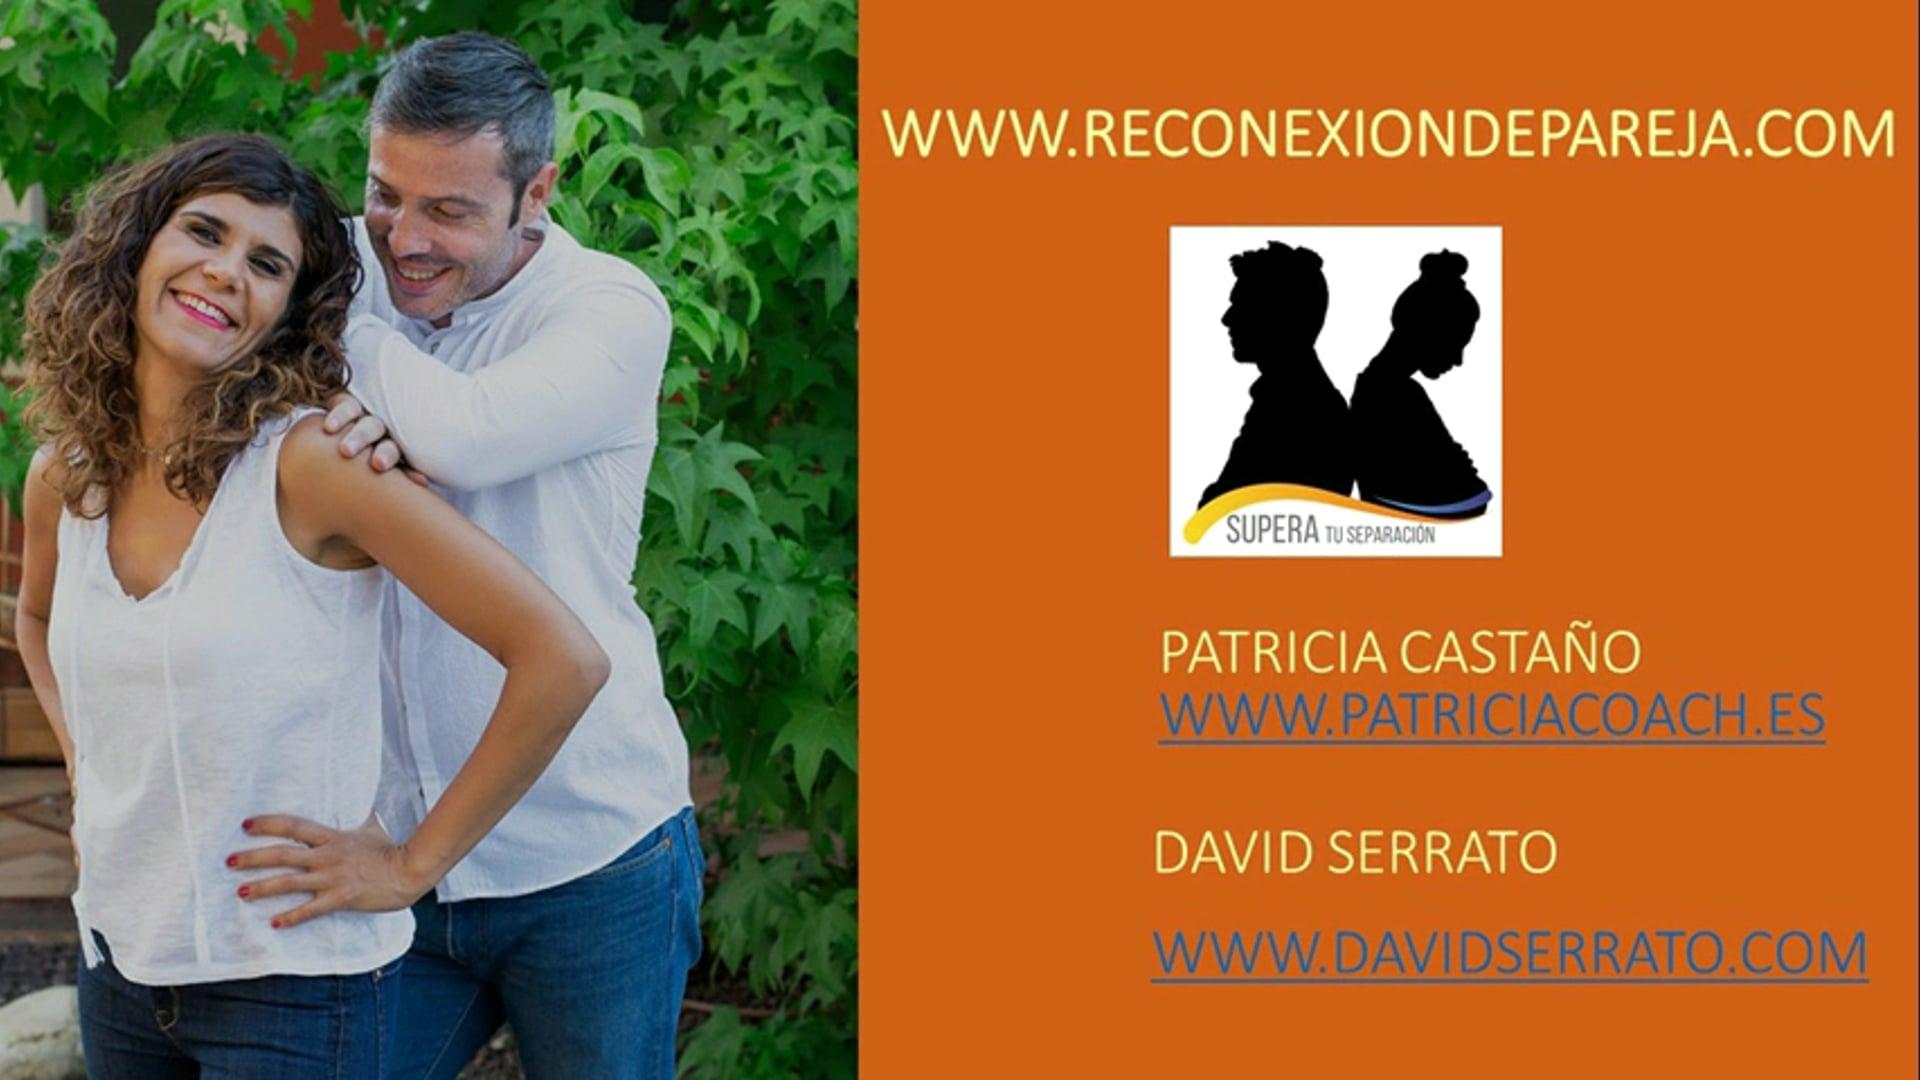 TESTIMONIOS RETIRO RECONEXION DE PAREJA